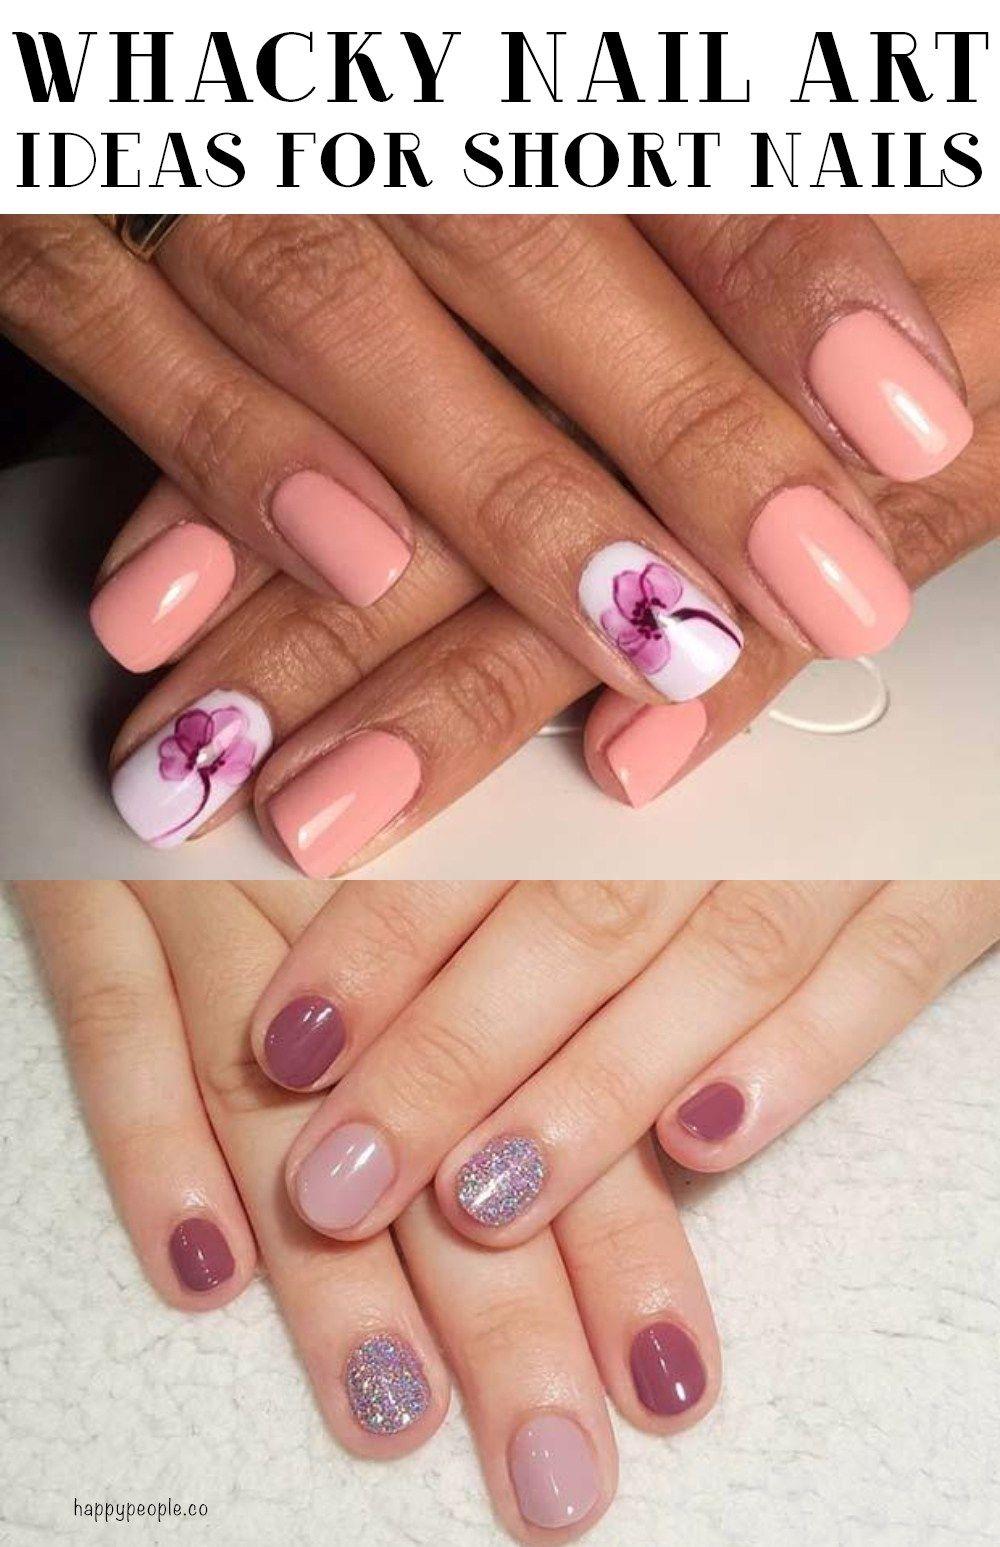 21 Whacky Nail Art Ideas For Short Nails Nails, Nail art